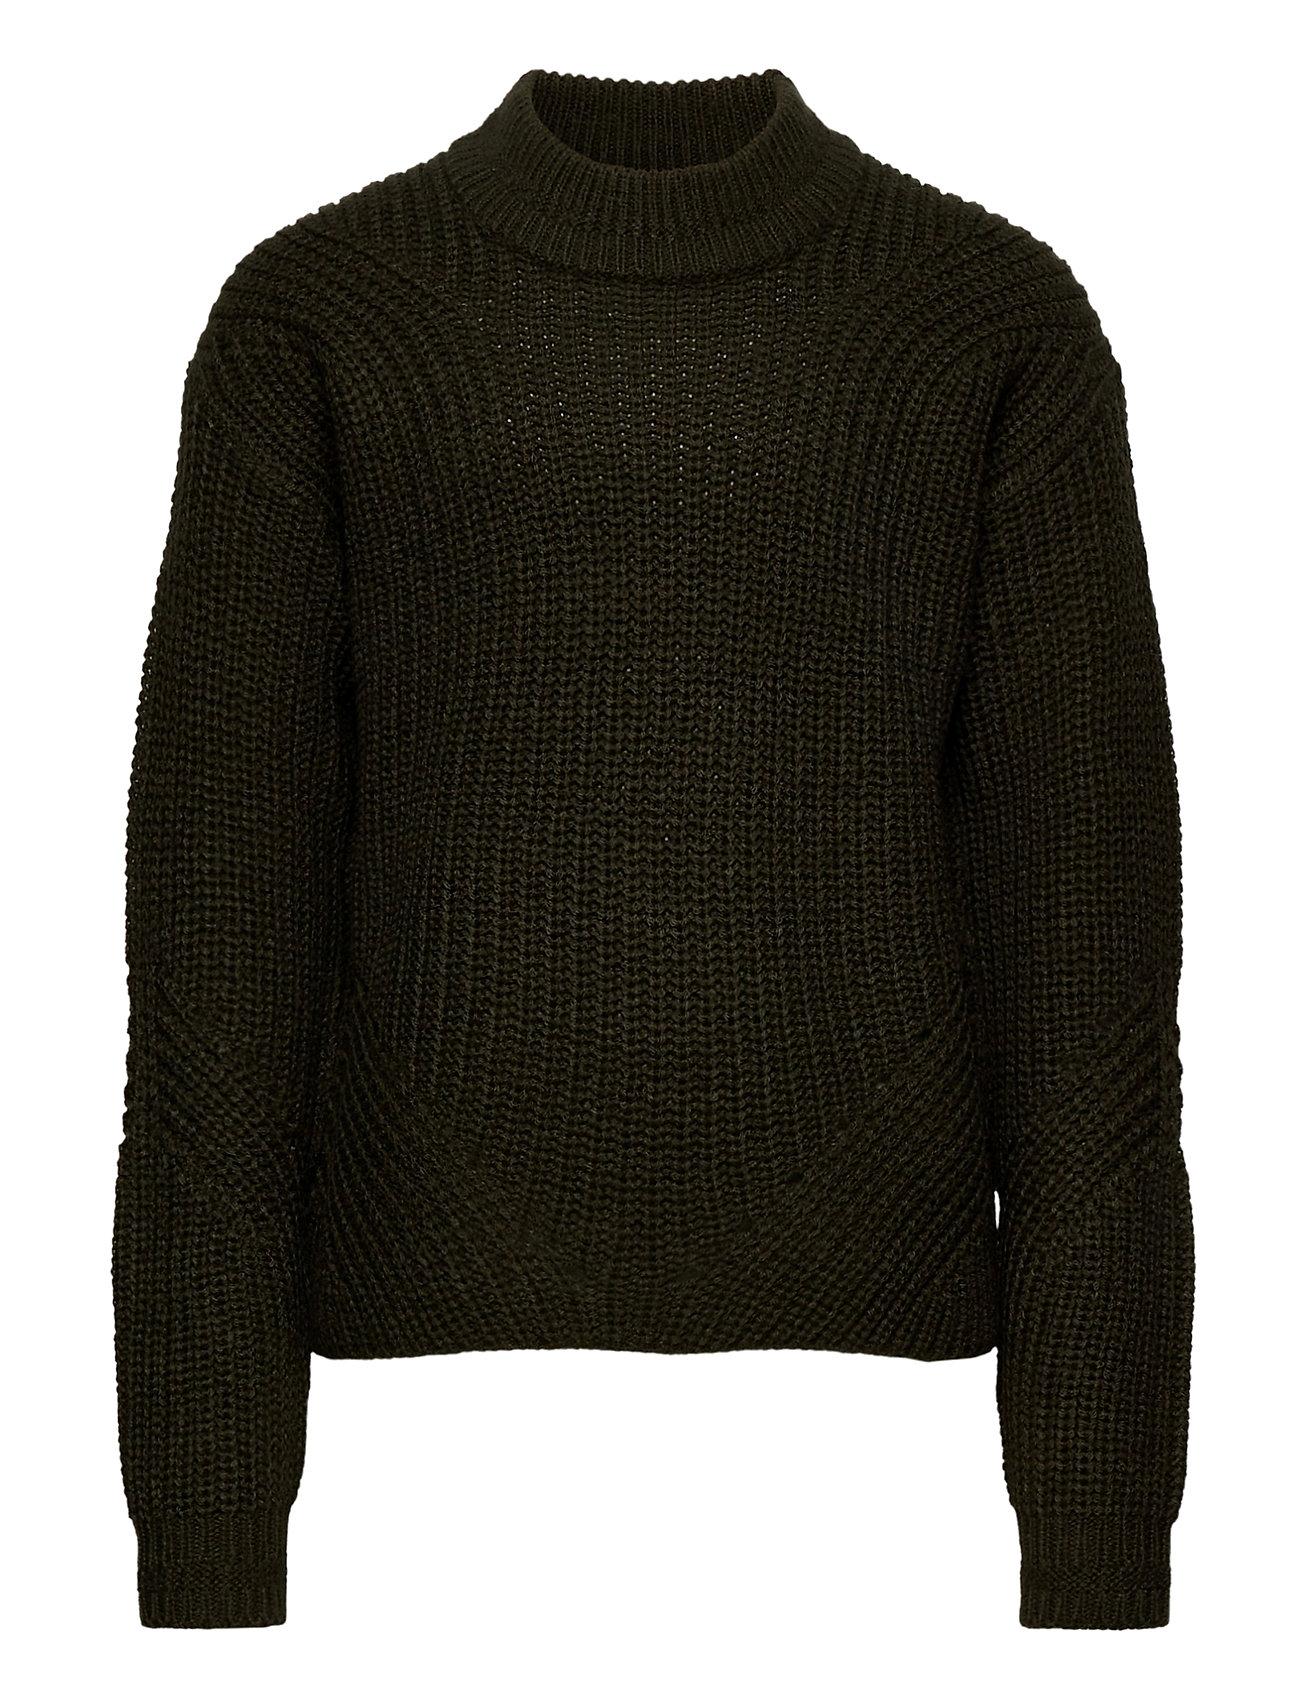 Image of Konriley L/S Pullover Knt Pullover Striktrøje Grøn Kids Only (3459220257)